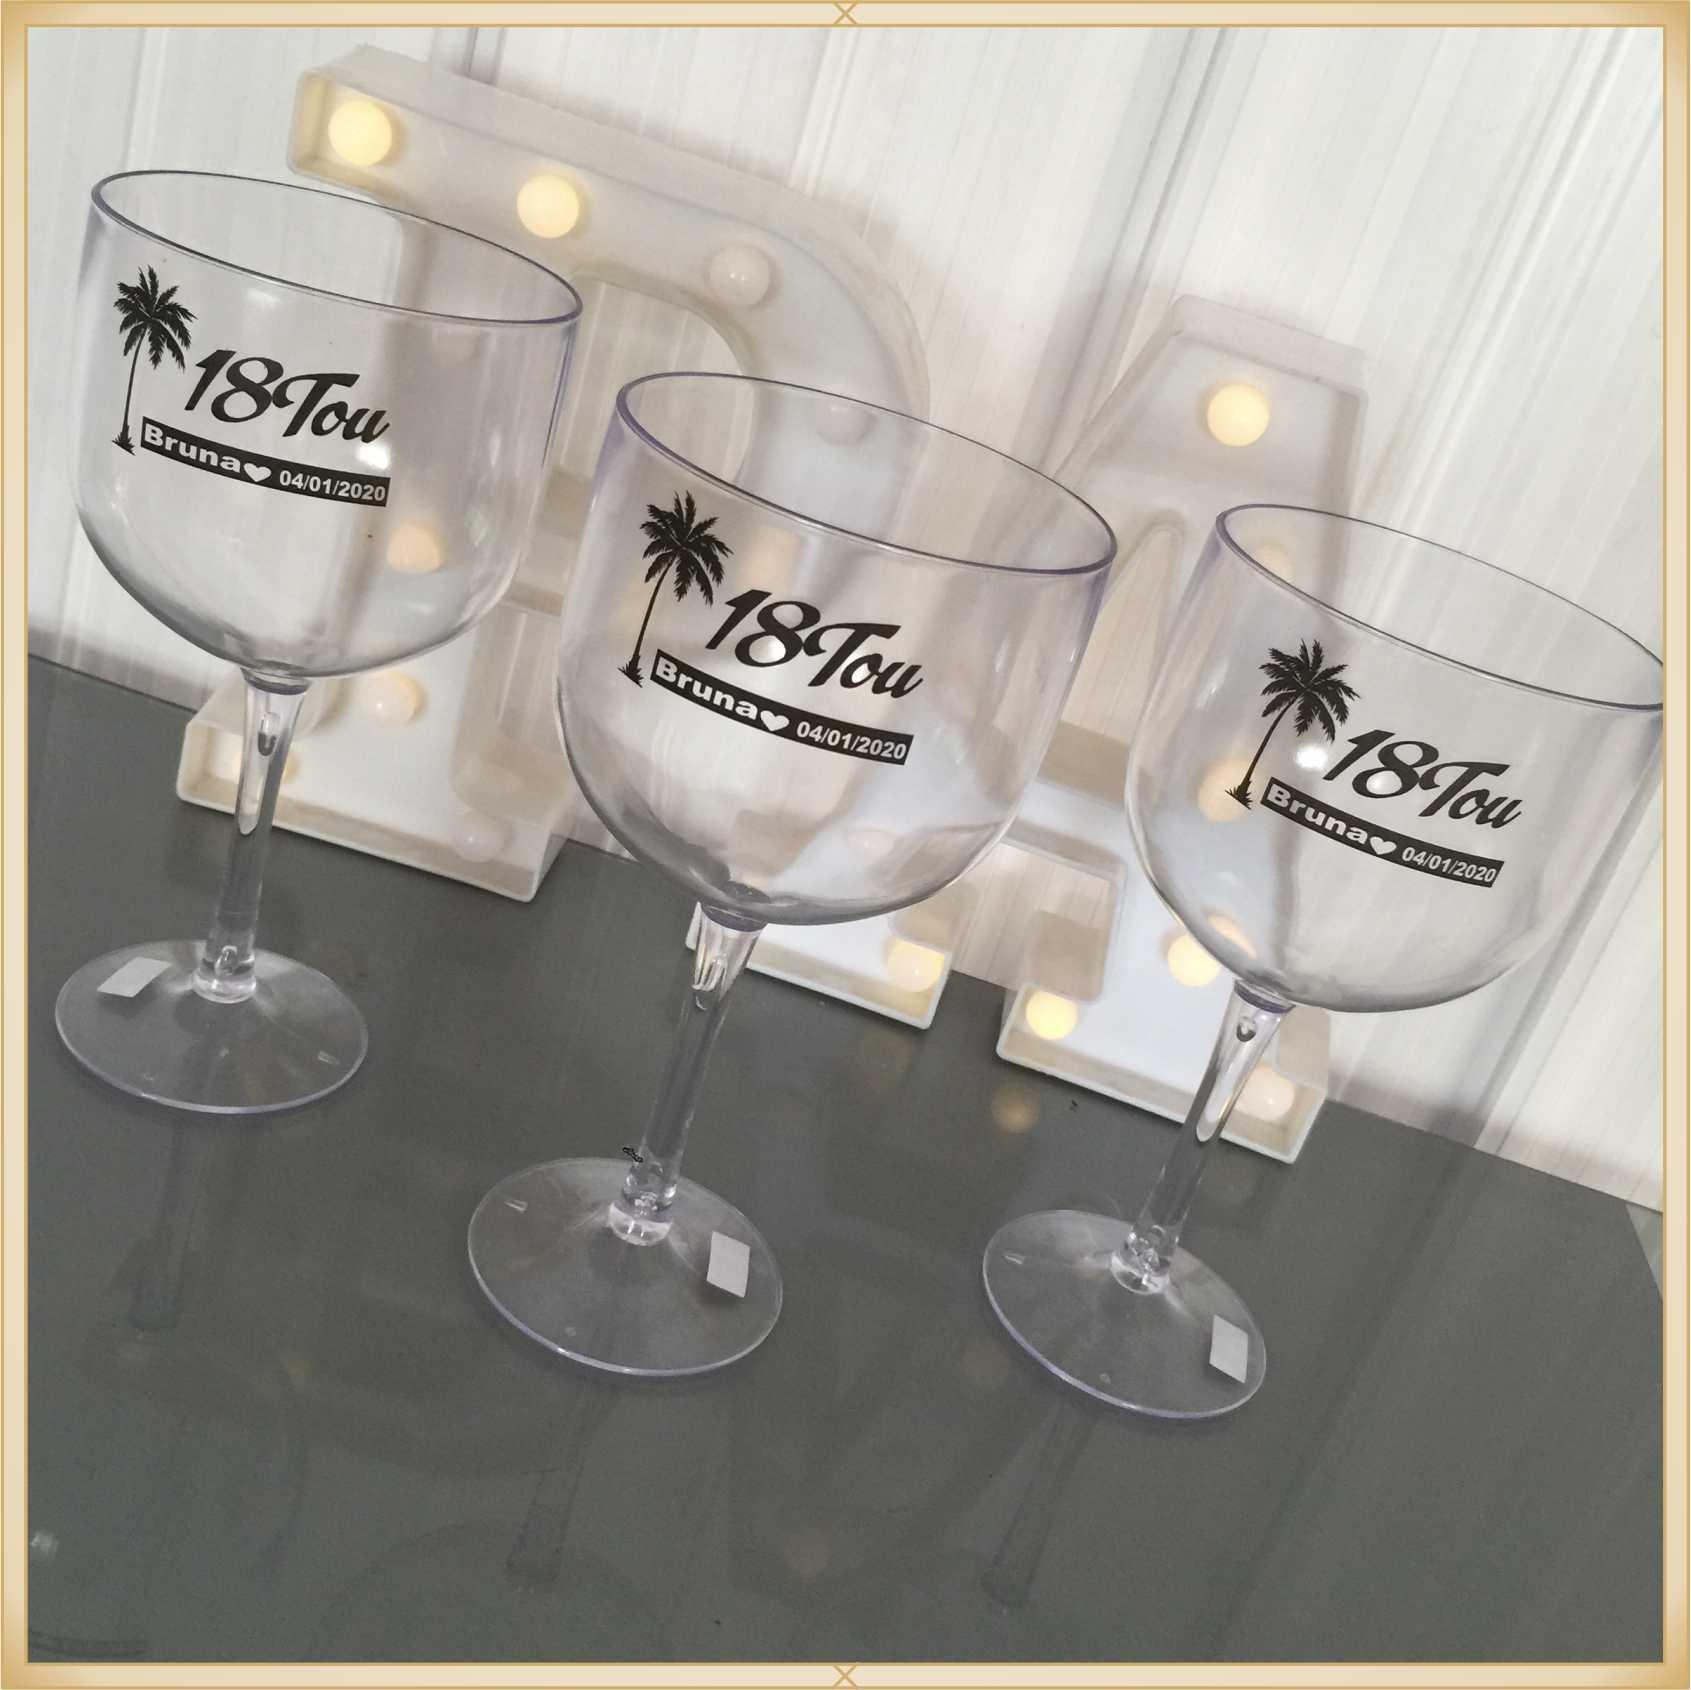 Taças de gin personalizadas Aniversário - alta qualidade, brilhante, ótimo acabamento, parede de 2,5 mm, material atóxico, 580 ml - kit com 15 unidades